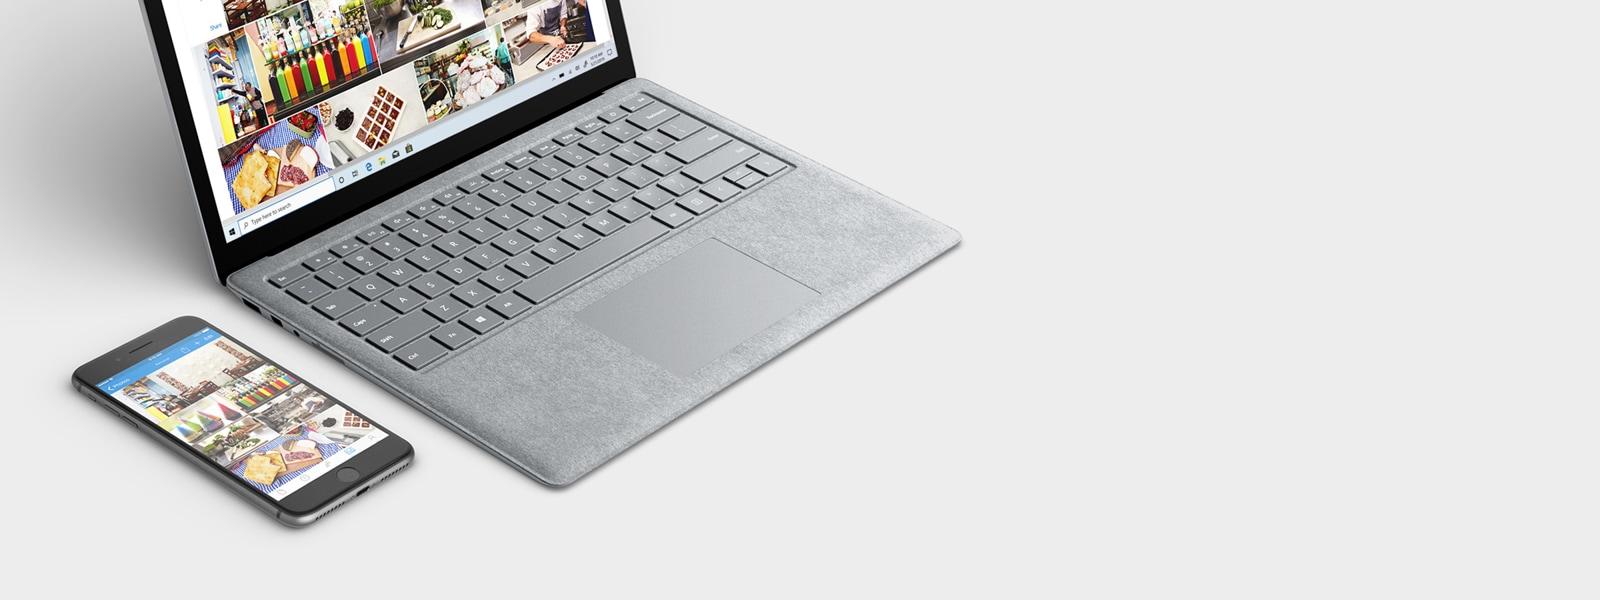 Her iki cihaz ekranýnda da benzer fotoðraflarý gösteren, açýk bir Windows 10 dizüstü bilgisayarýn yanýnda bir cep telefonu.